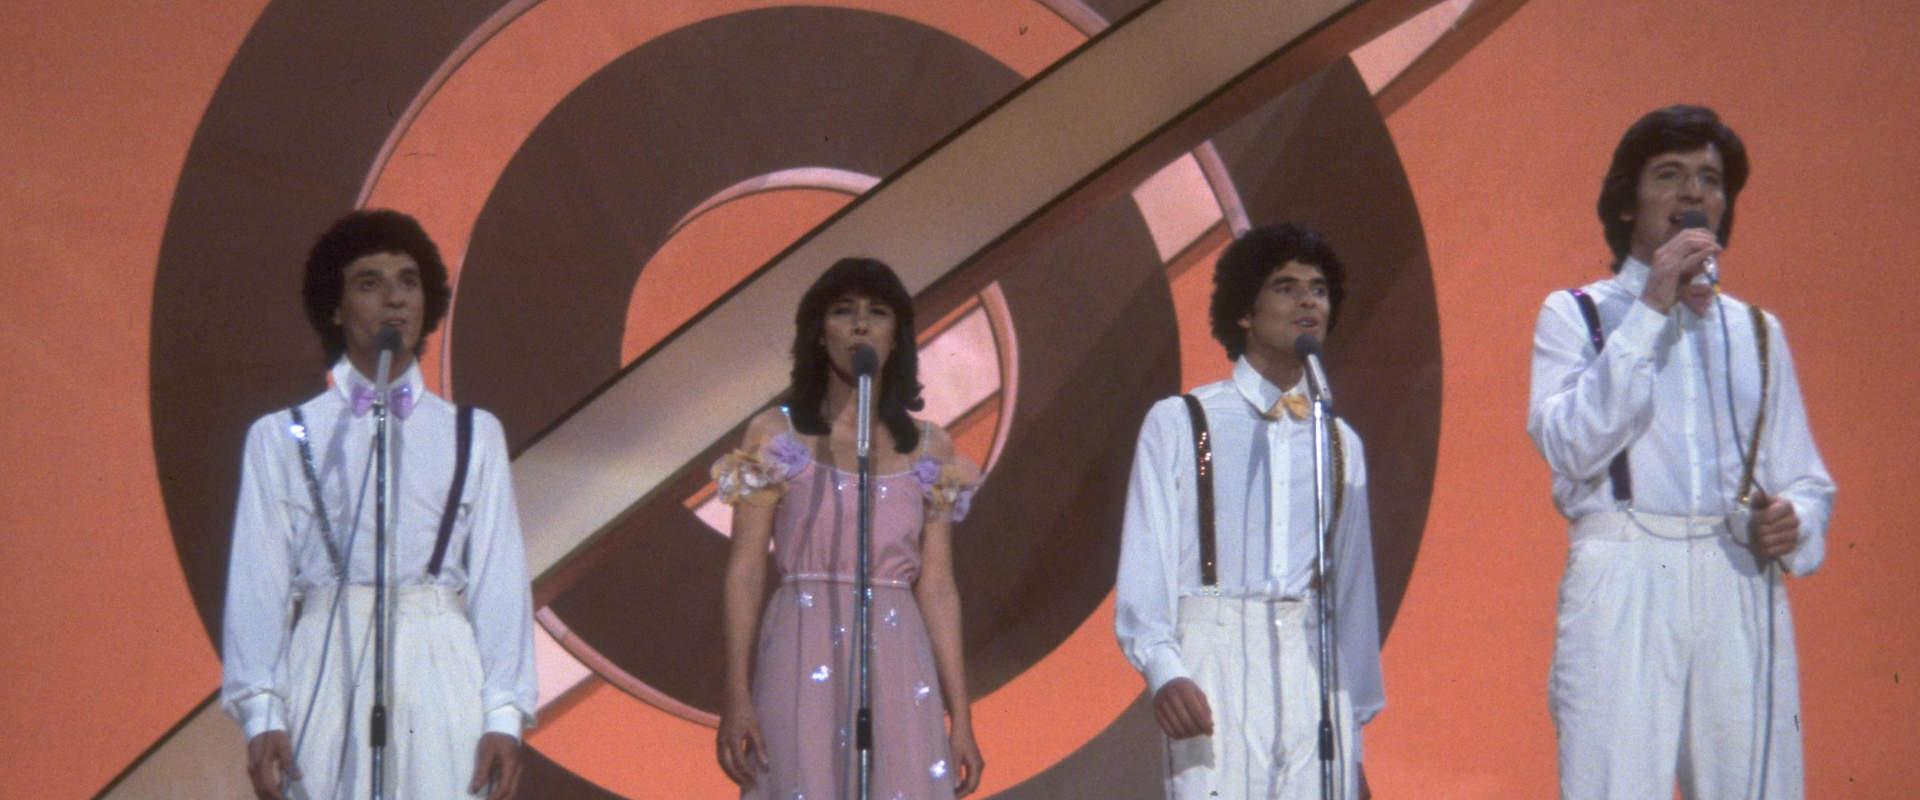 גלי עטרי ולהקת חלב ודבש באירוויזיון 2017